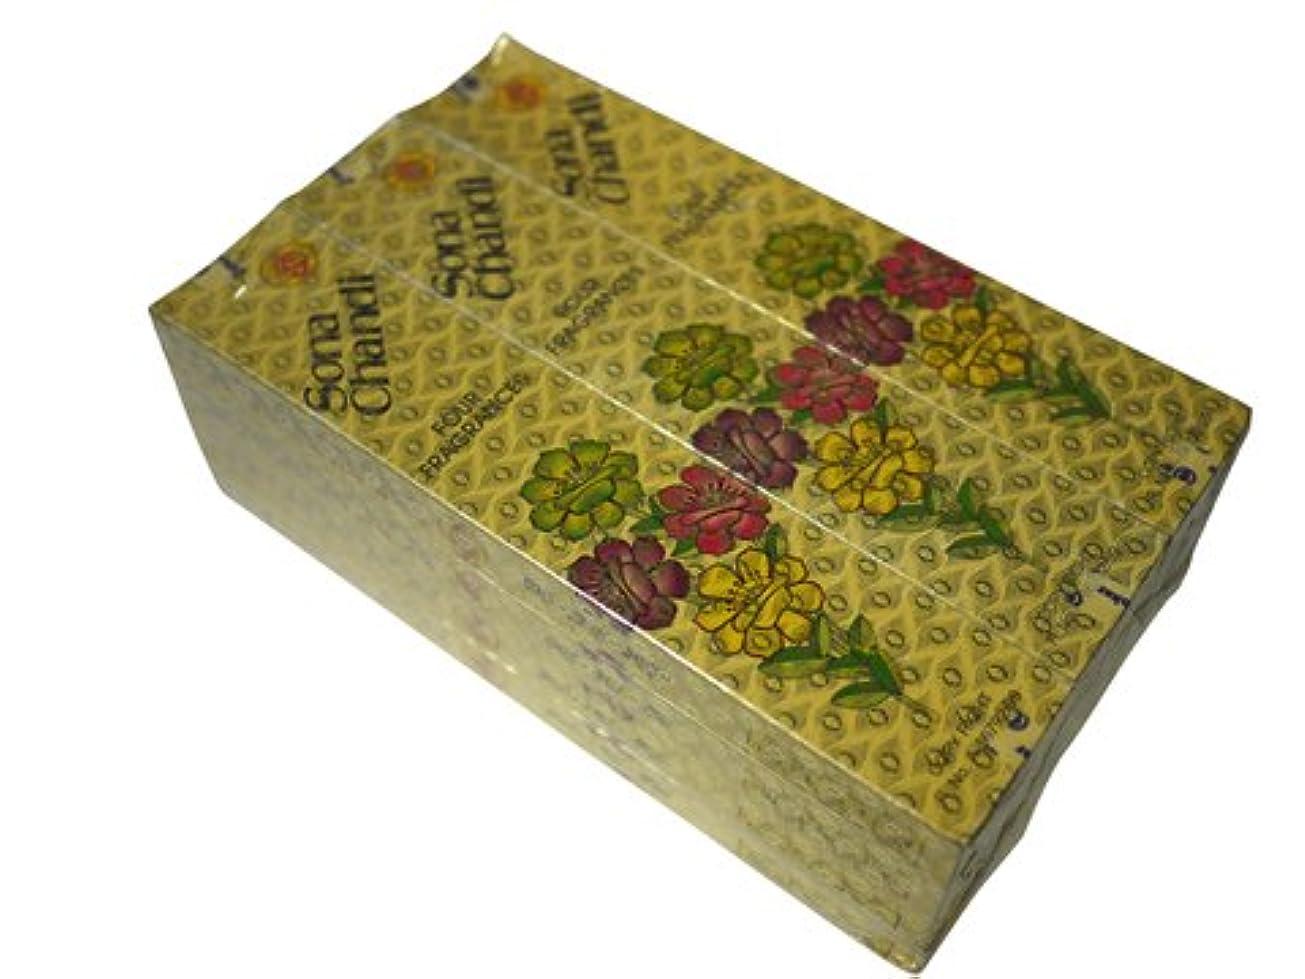 ラフ訴える授業料SHANKAR'S(シャンカーズ) ソナチャンディ香 スティック SONA CHANDI 12箱セット